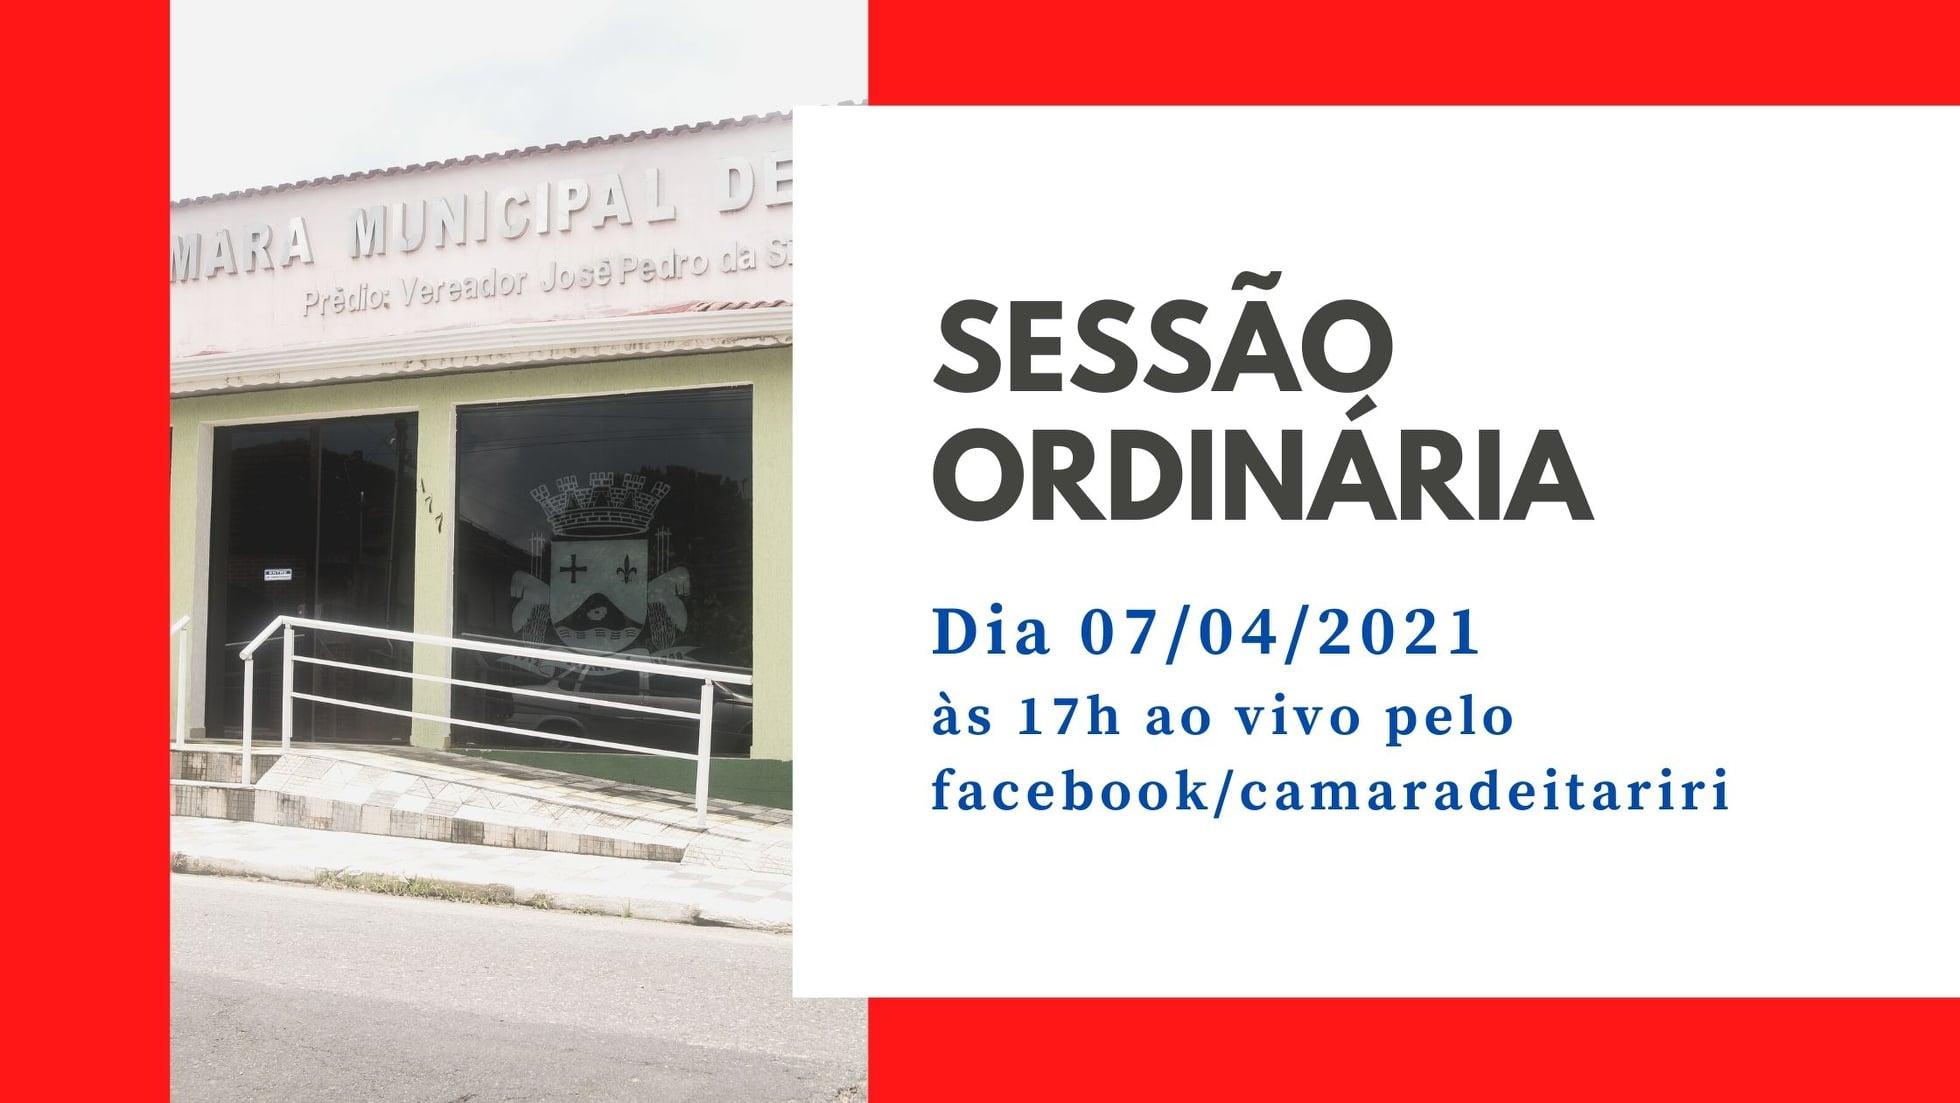 ASSISTA AO VIVO SESSÃO ORDINÁRIA NESTA QUARTA-FEIRA (7/4), ÀS 17H